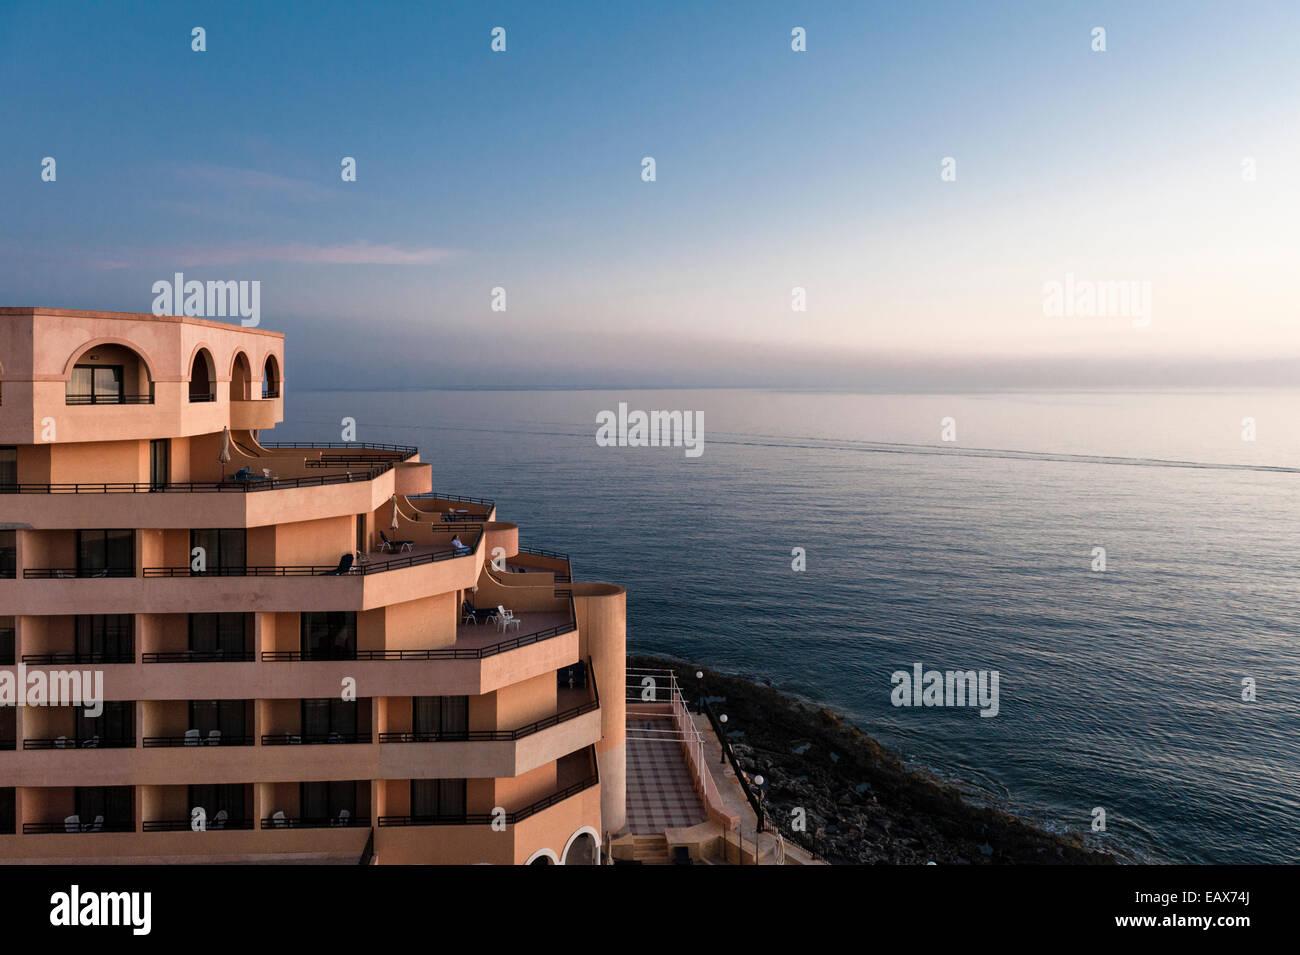 Radisson Blu Hotel, St Julians, Malta. All'alba, una solitaria donna orologi guest il tramonto sul mare Mediterraneo Immagini Stock